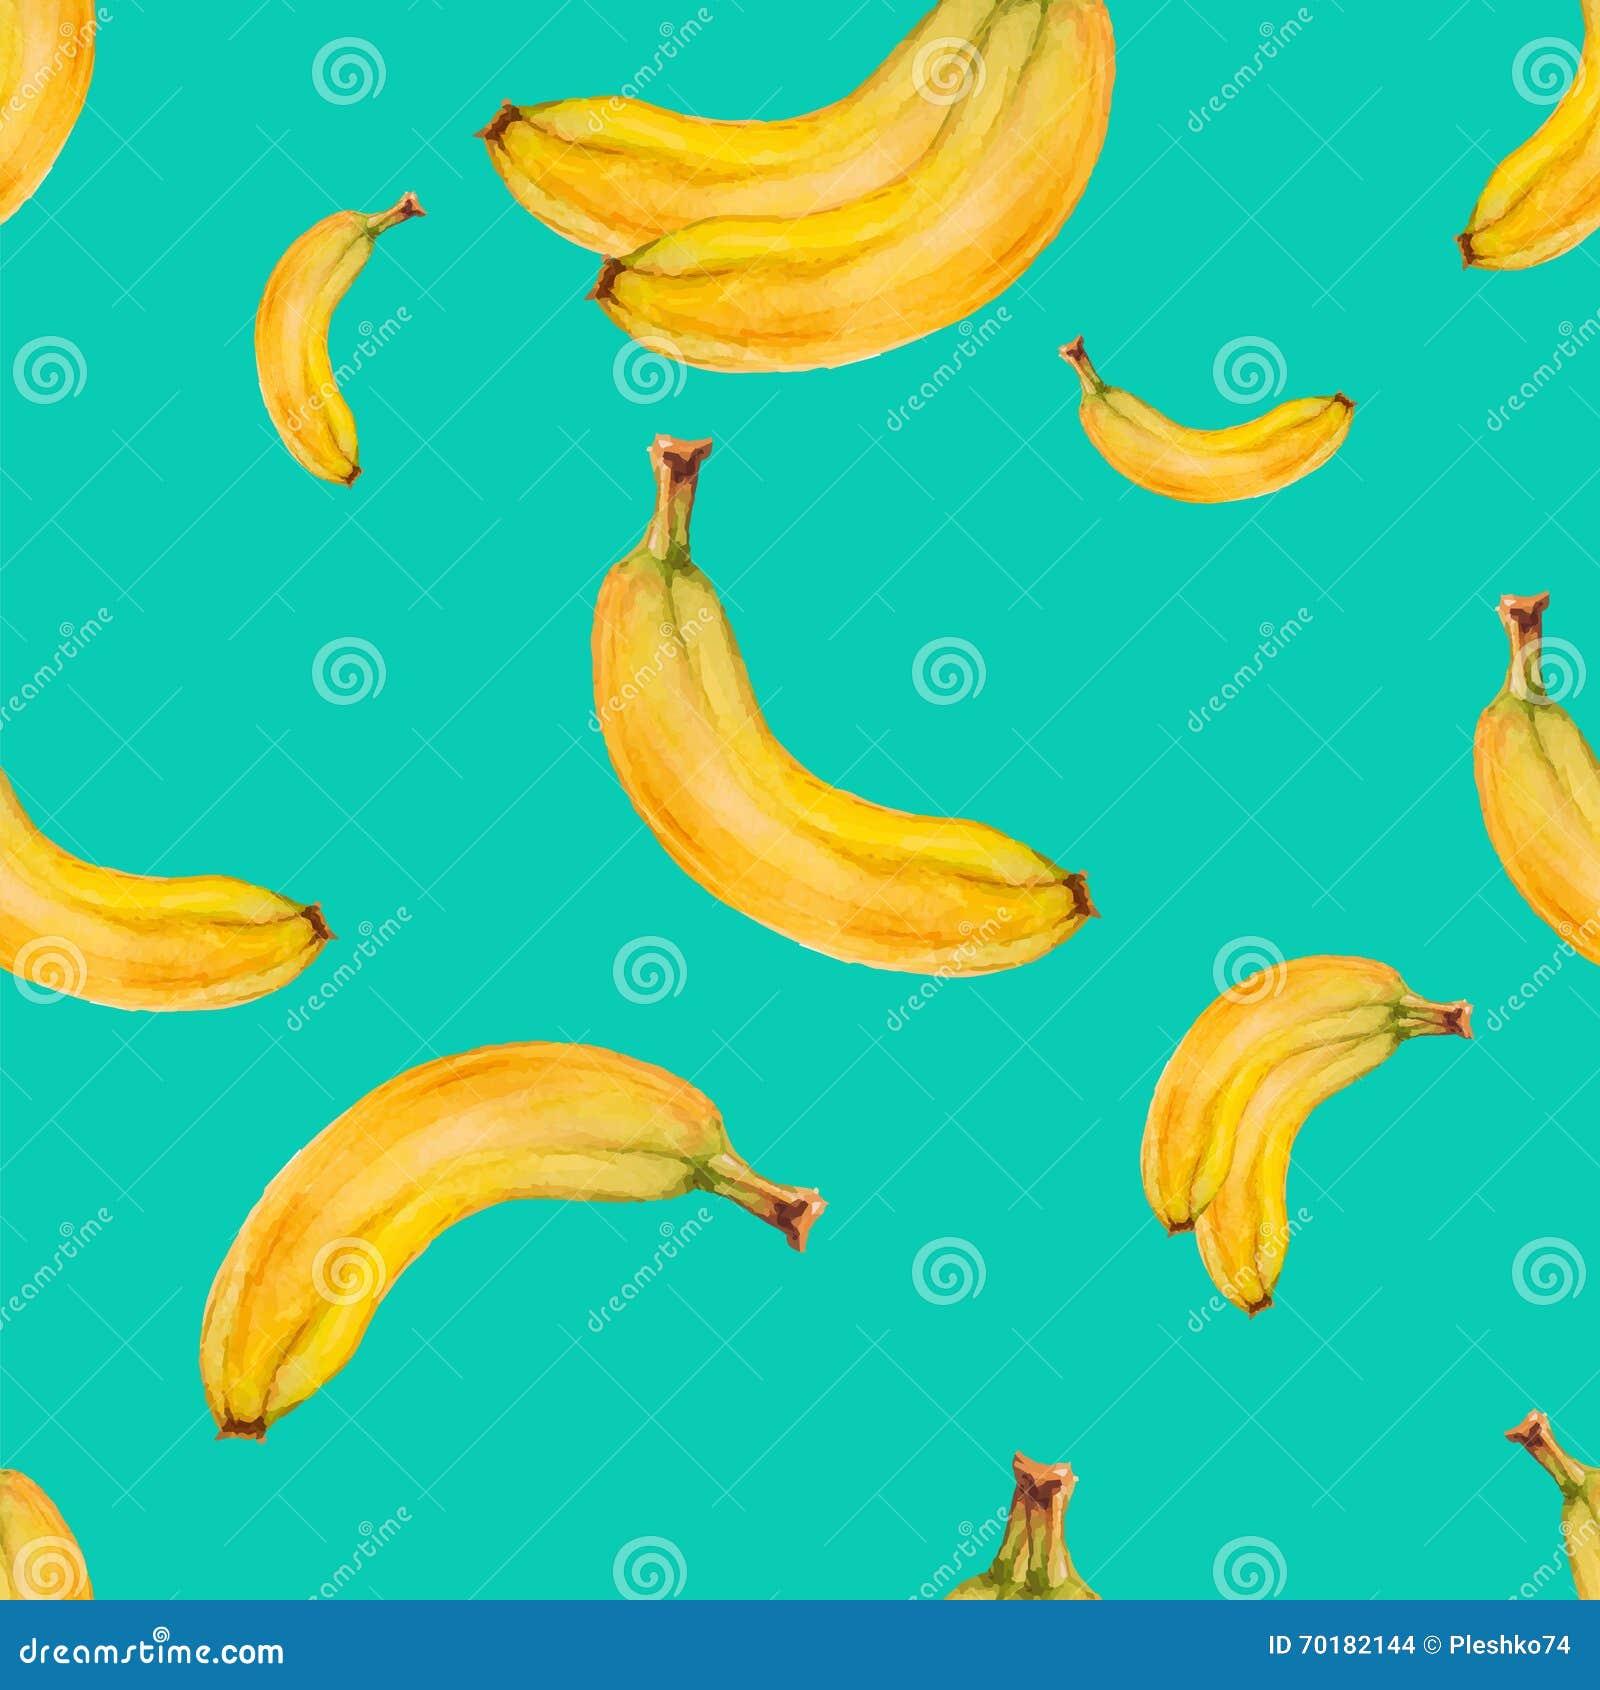 Sömlös modell för vattenfärg med bananer på turkosbakgrund